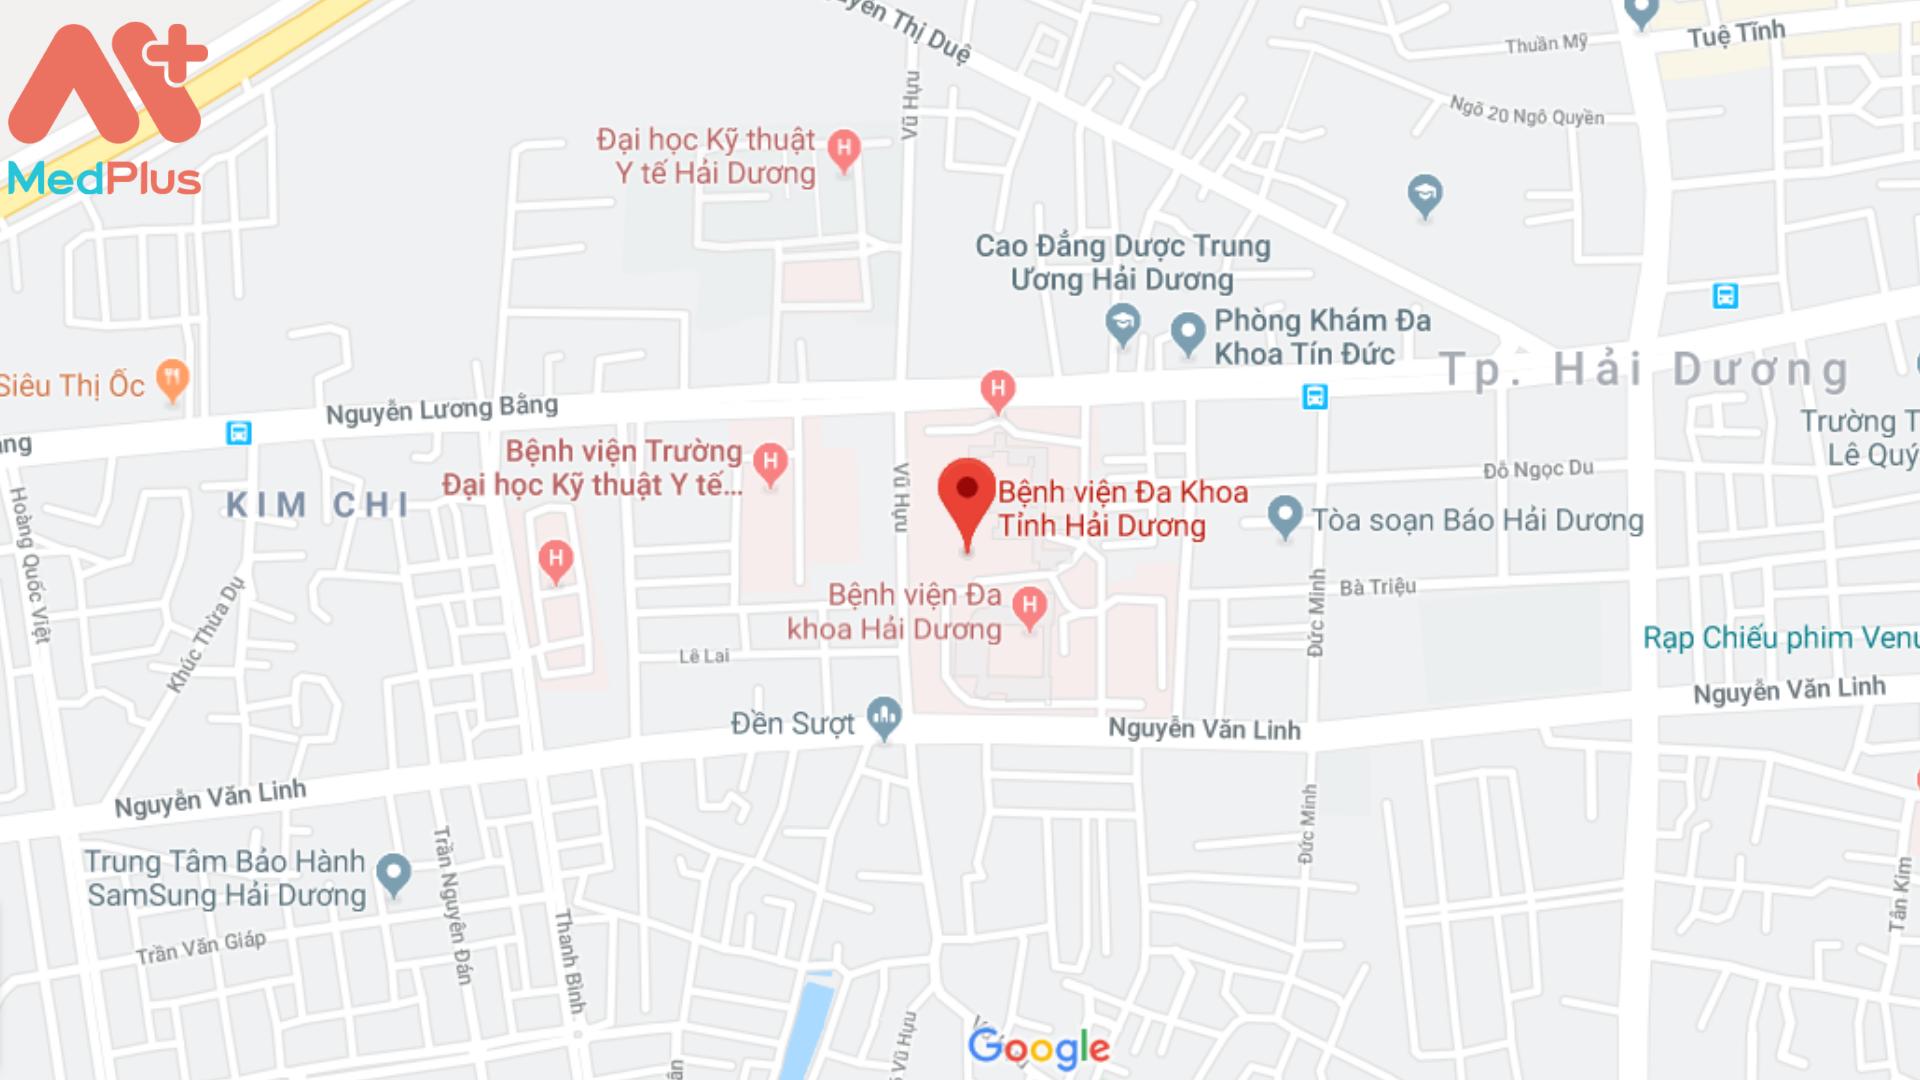 Địa chỉ bệnh viện Đa khoa tỉnh Hải Dương